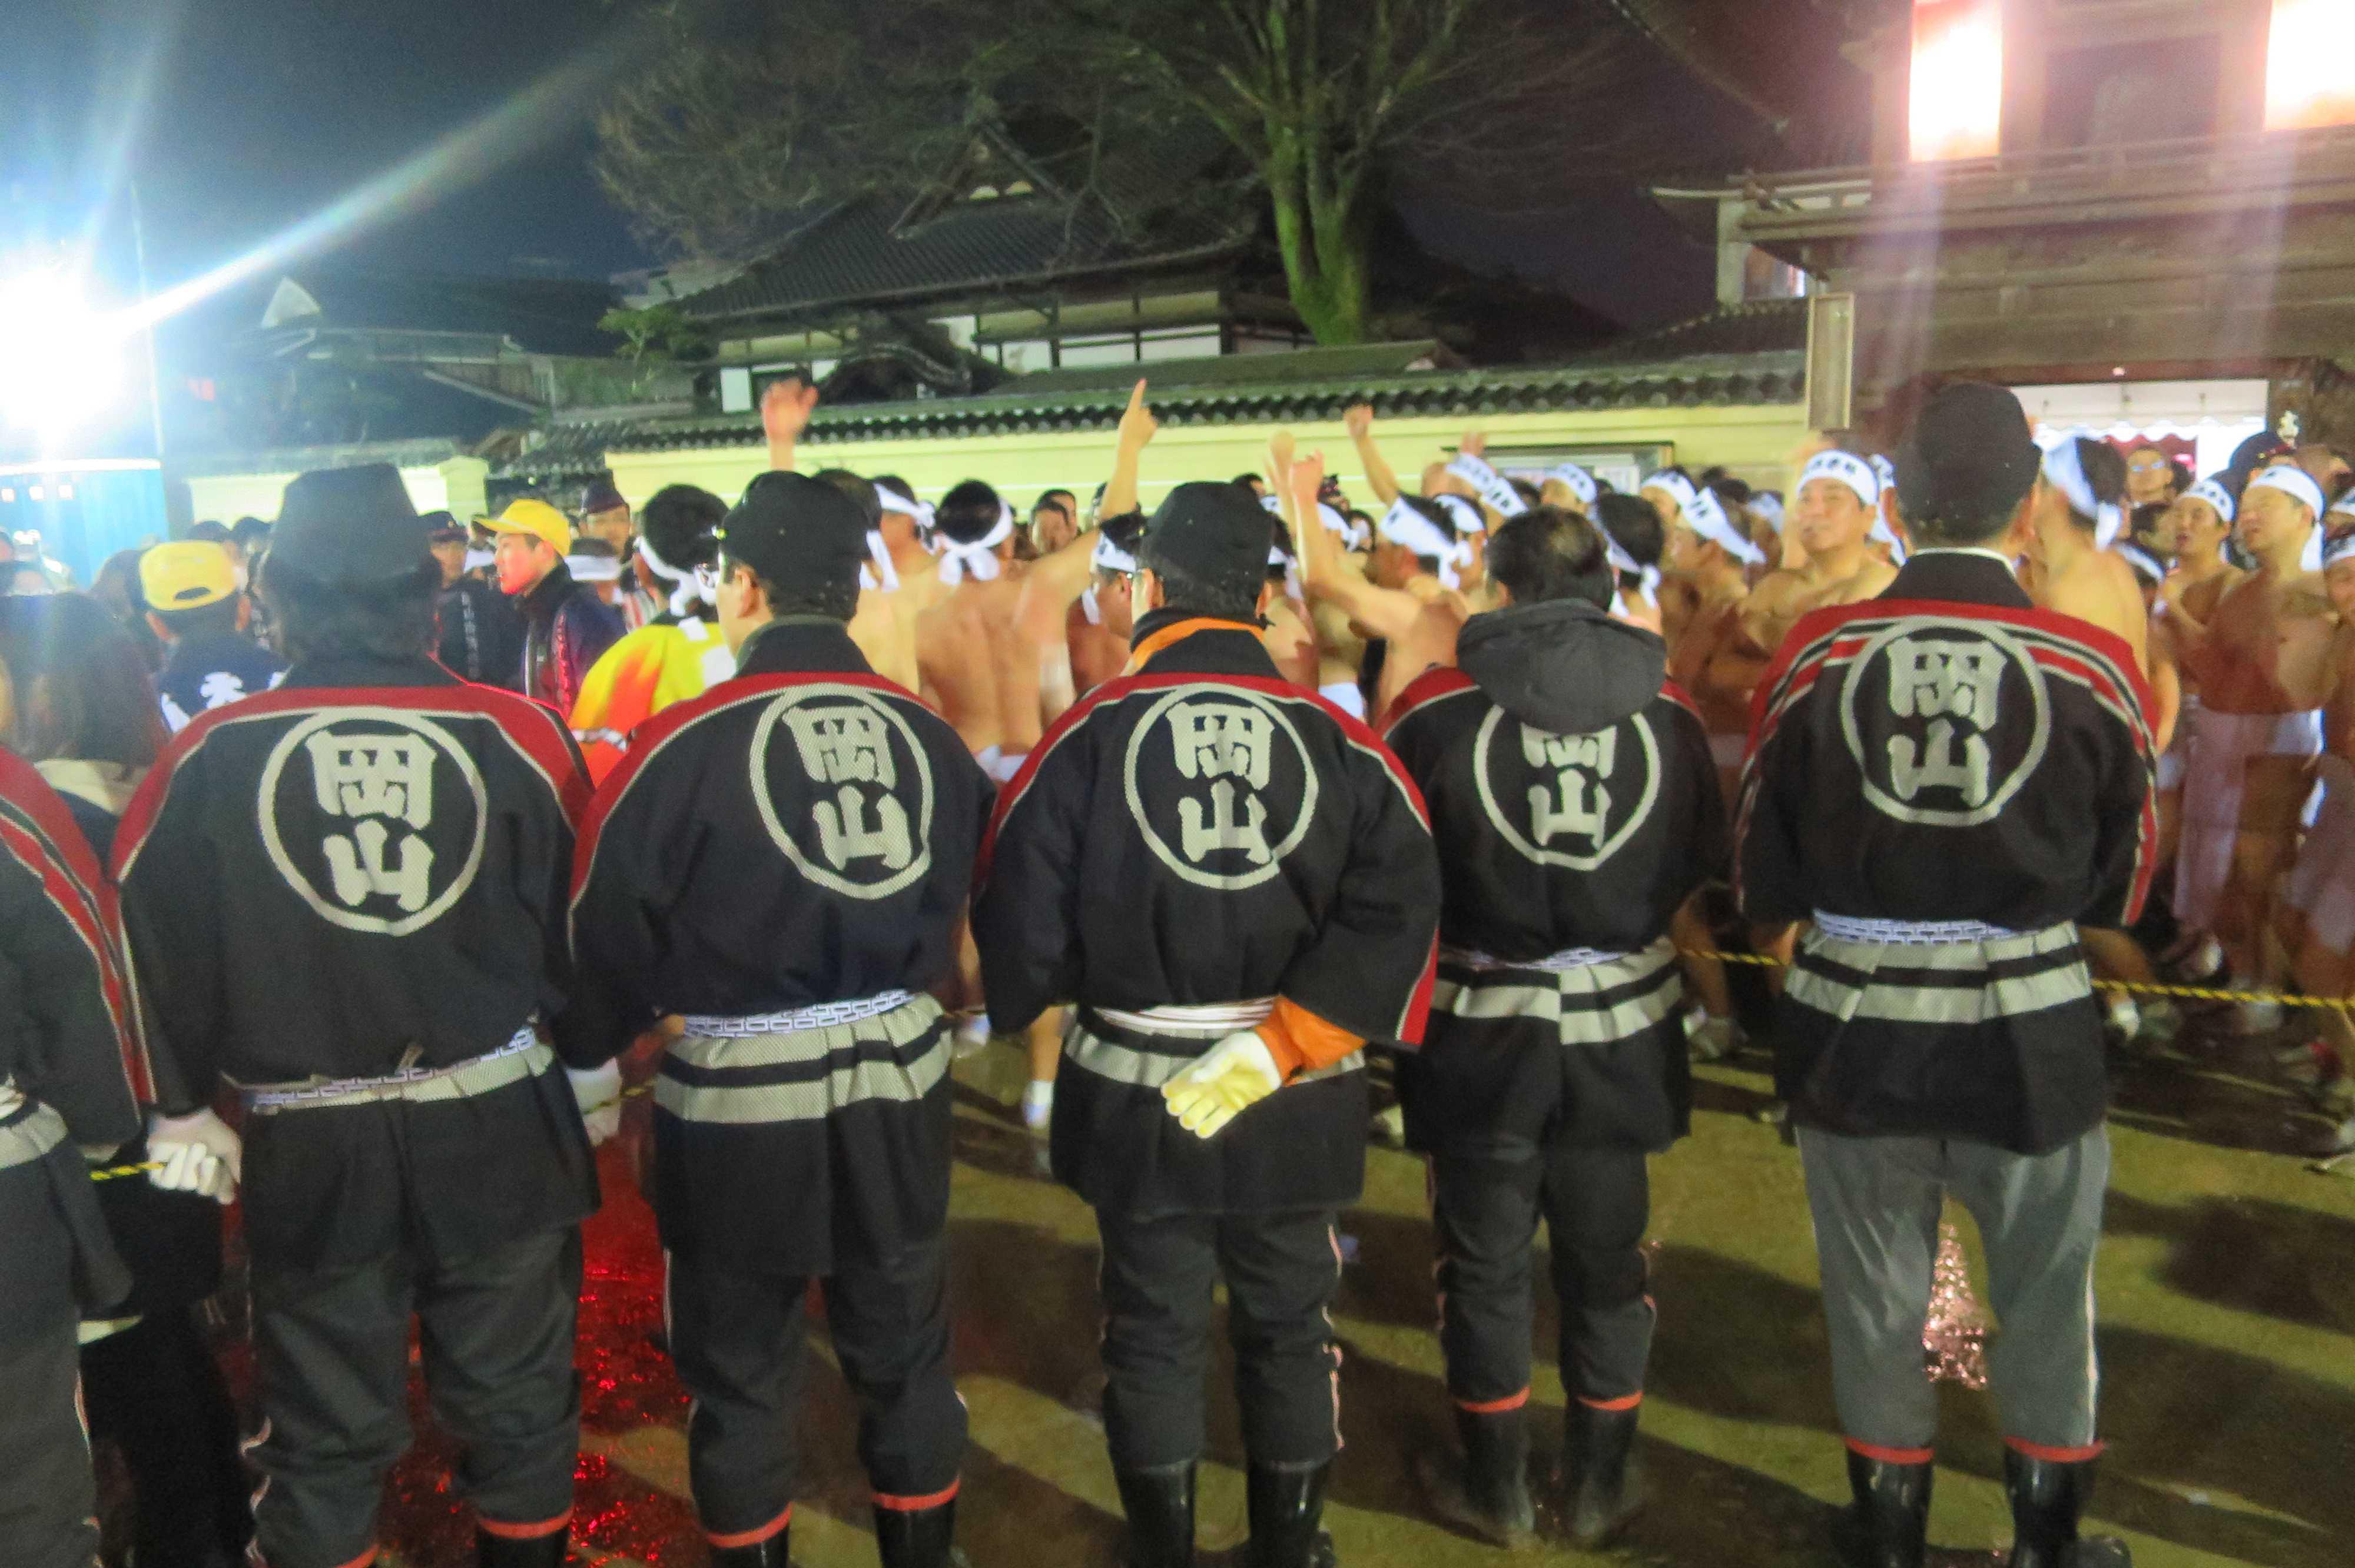 西大寺会陽 - 岡山の法被を着た消防団の人たち